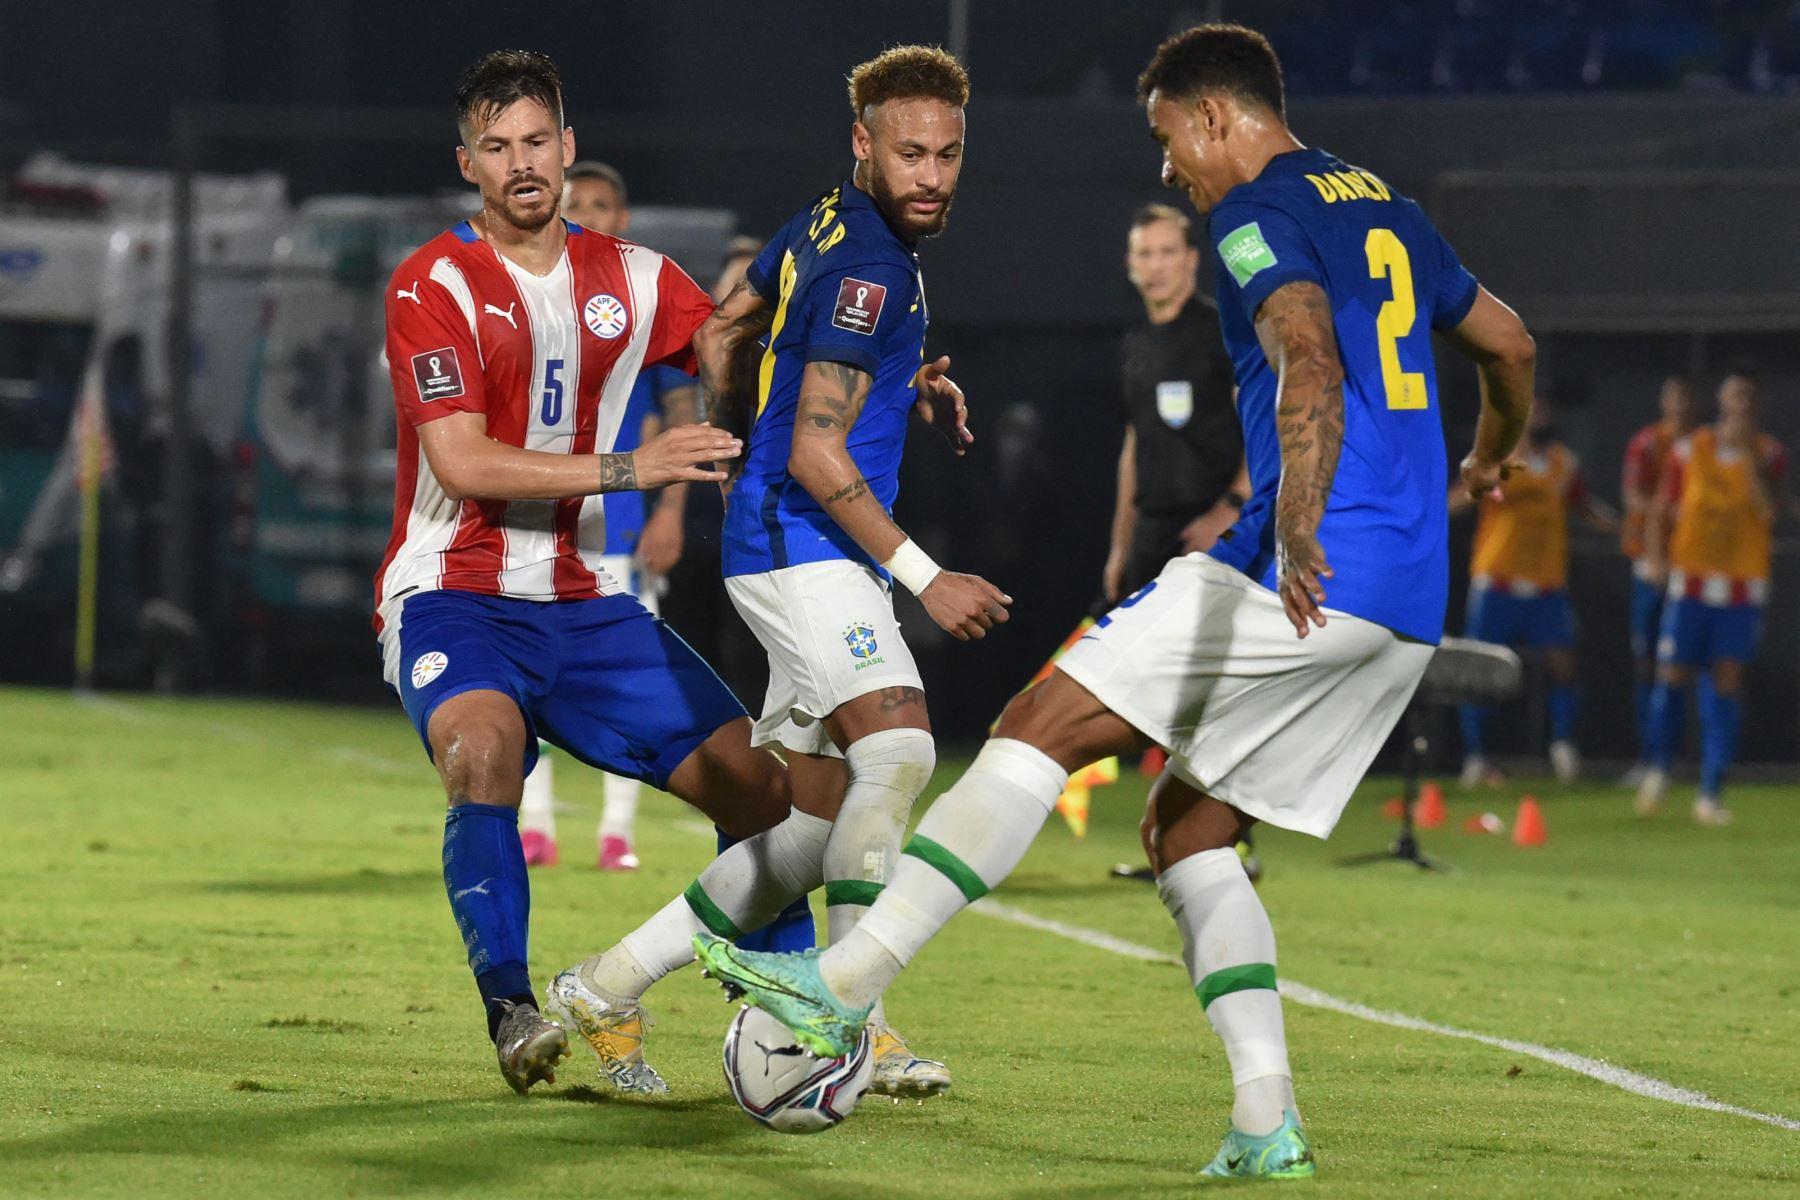 Los brasileños Neymar  y Danilo compiten por el balón con Gastón Giménez de Paraguay compiten por el balón durante su partido de clasificación sudamericano para la Copa Mundial de la FIFA Qatar 2022 en el Estadio Defensores del Chaco en Asunción. Foto: AFP